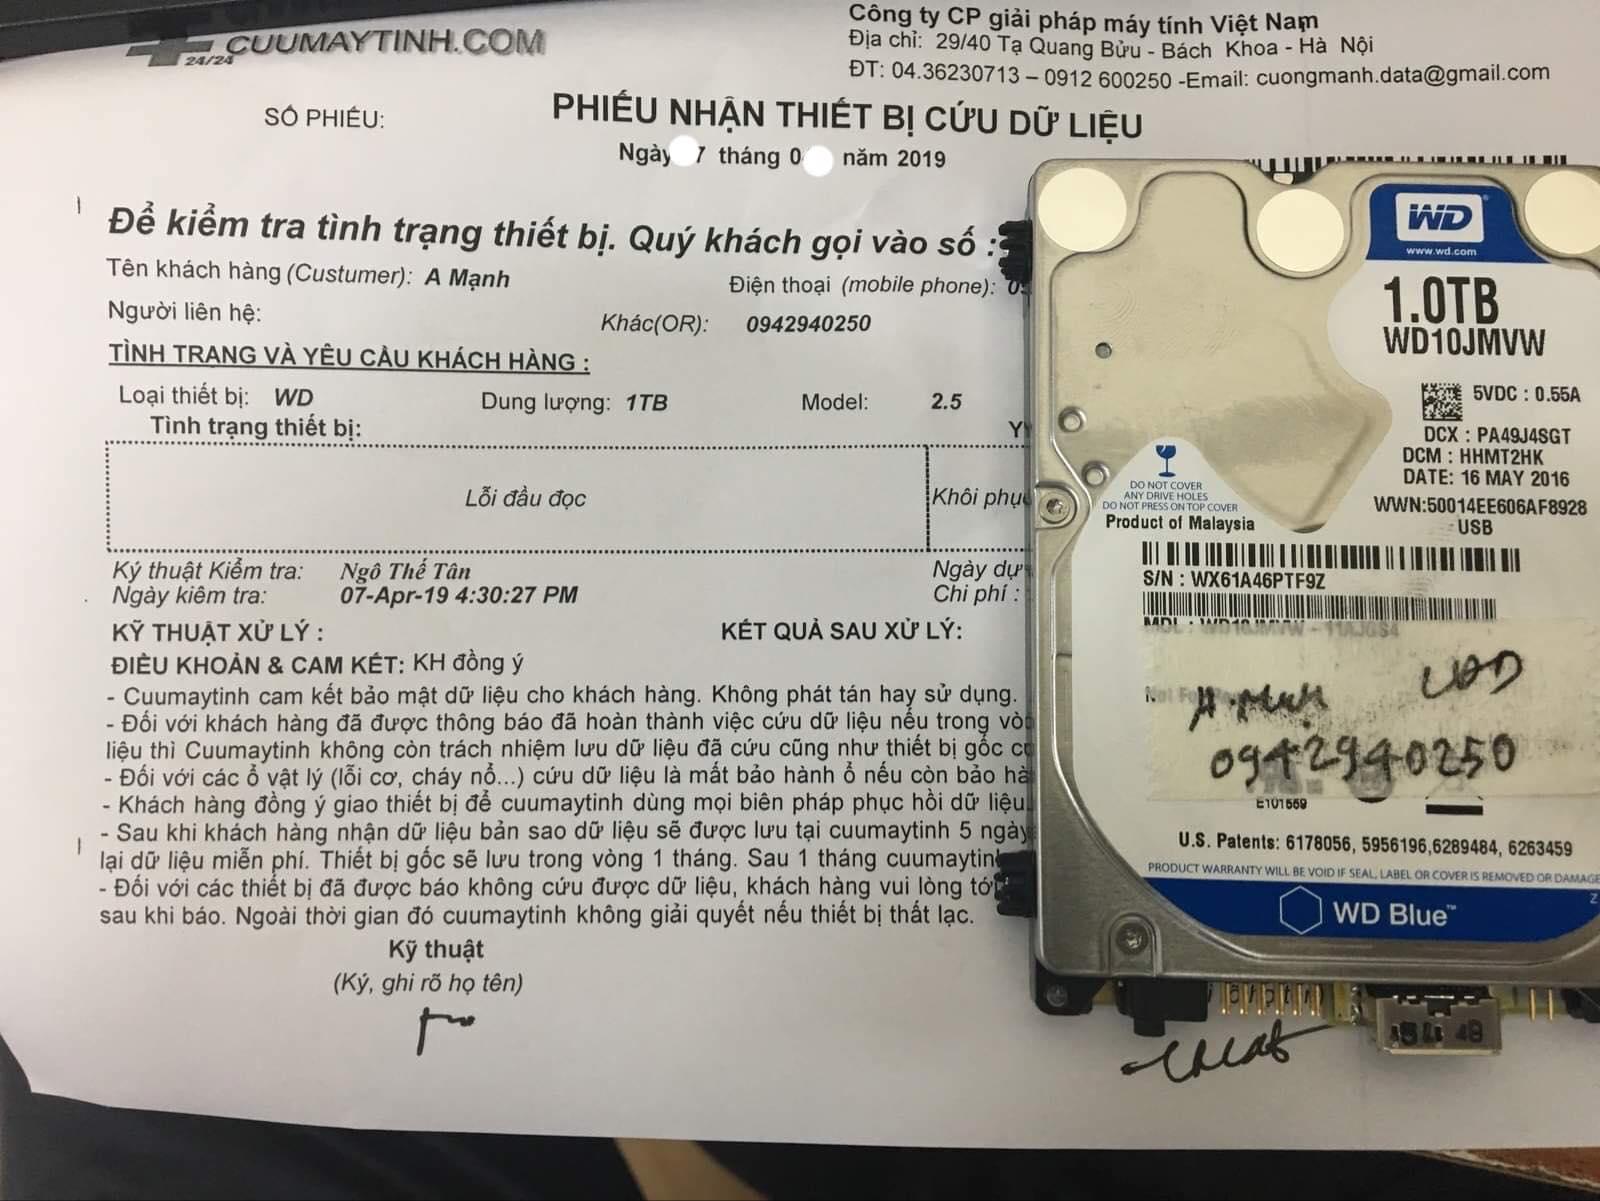 Phục hồi dữ liệu ổ cứng Western 1TB lỗi đầu đọc 02/05/2019 - cuumaytinh